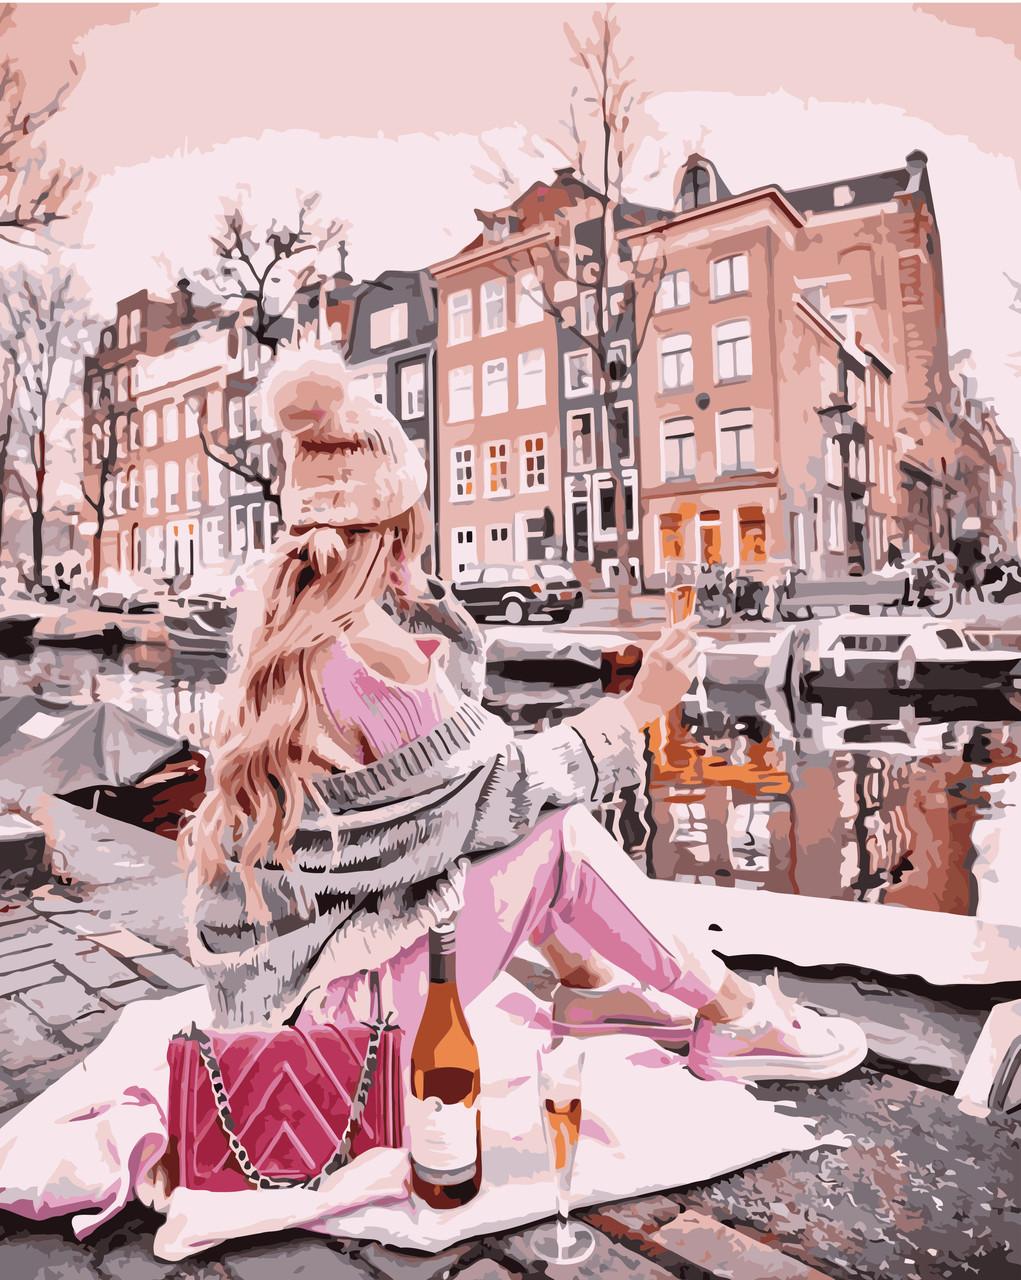 Картина по номерам VA-1541 Девушка с вином около канала, 40х50см. Strateg